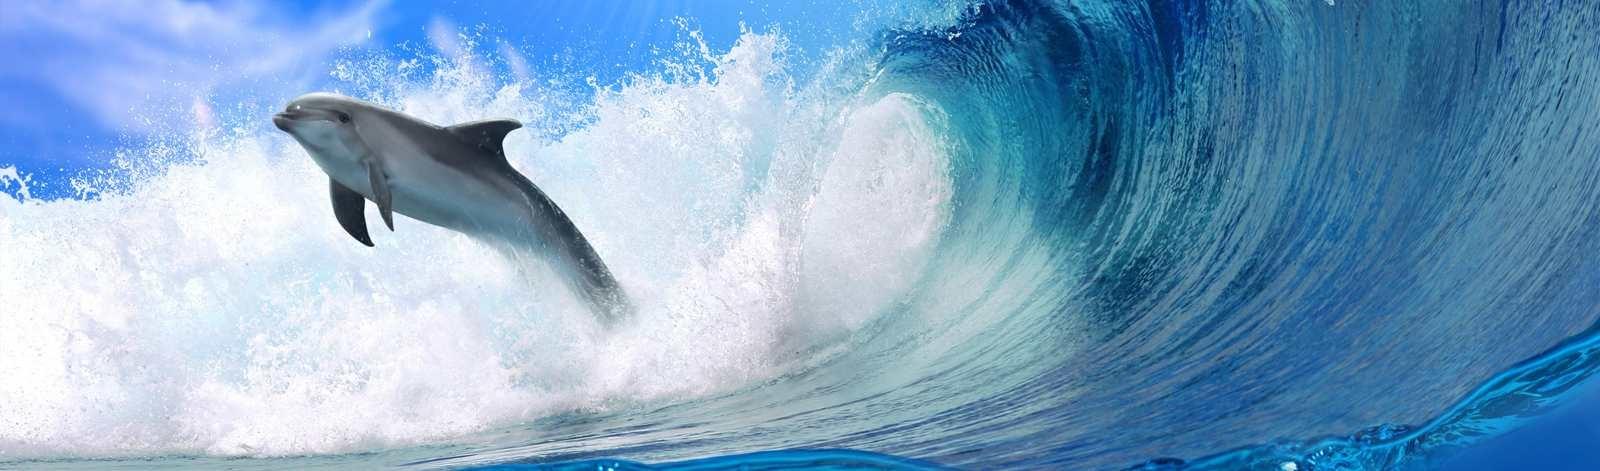 dolphinsurfcrop_33_71335912